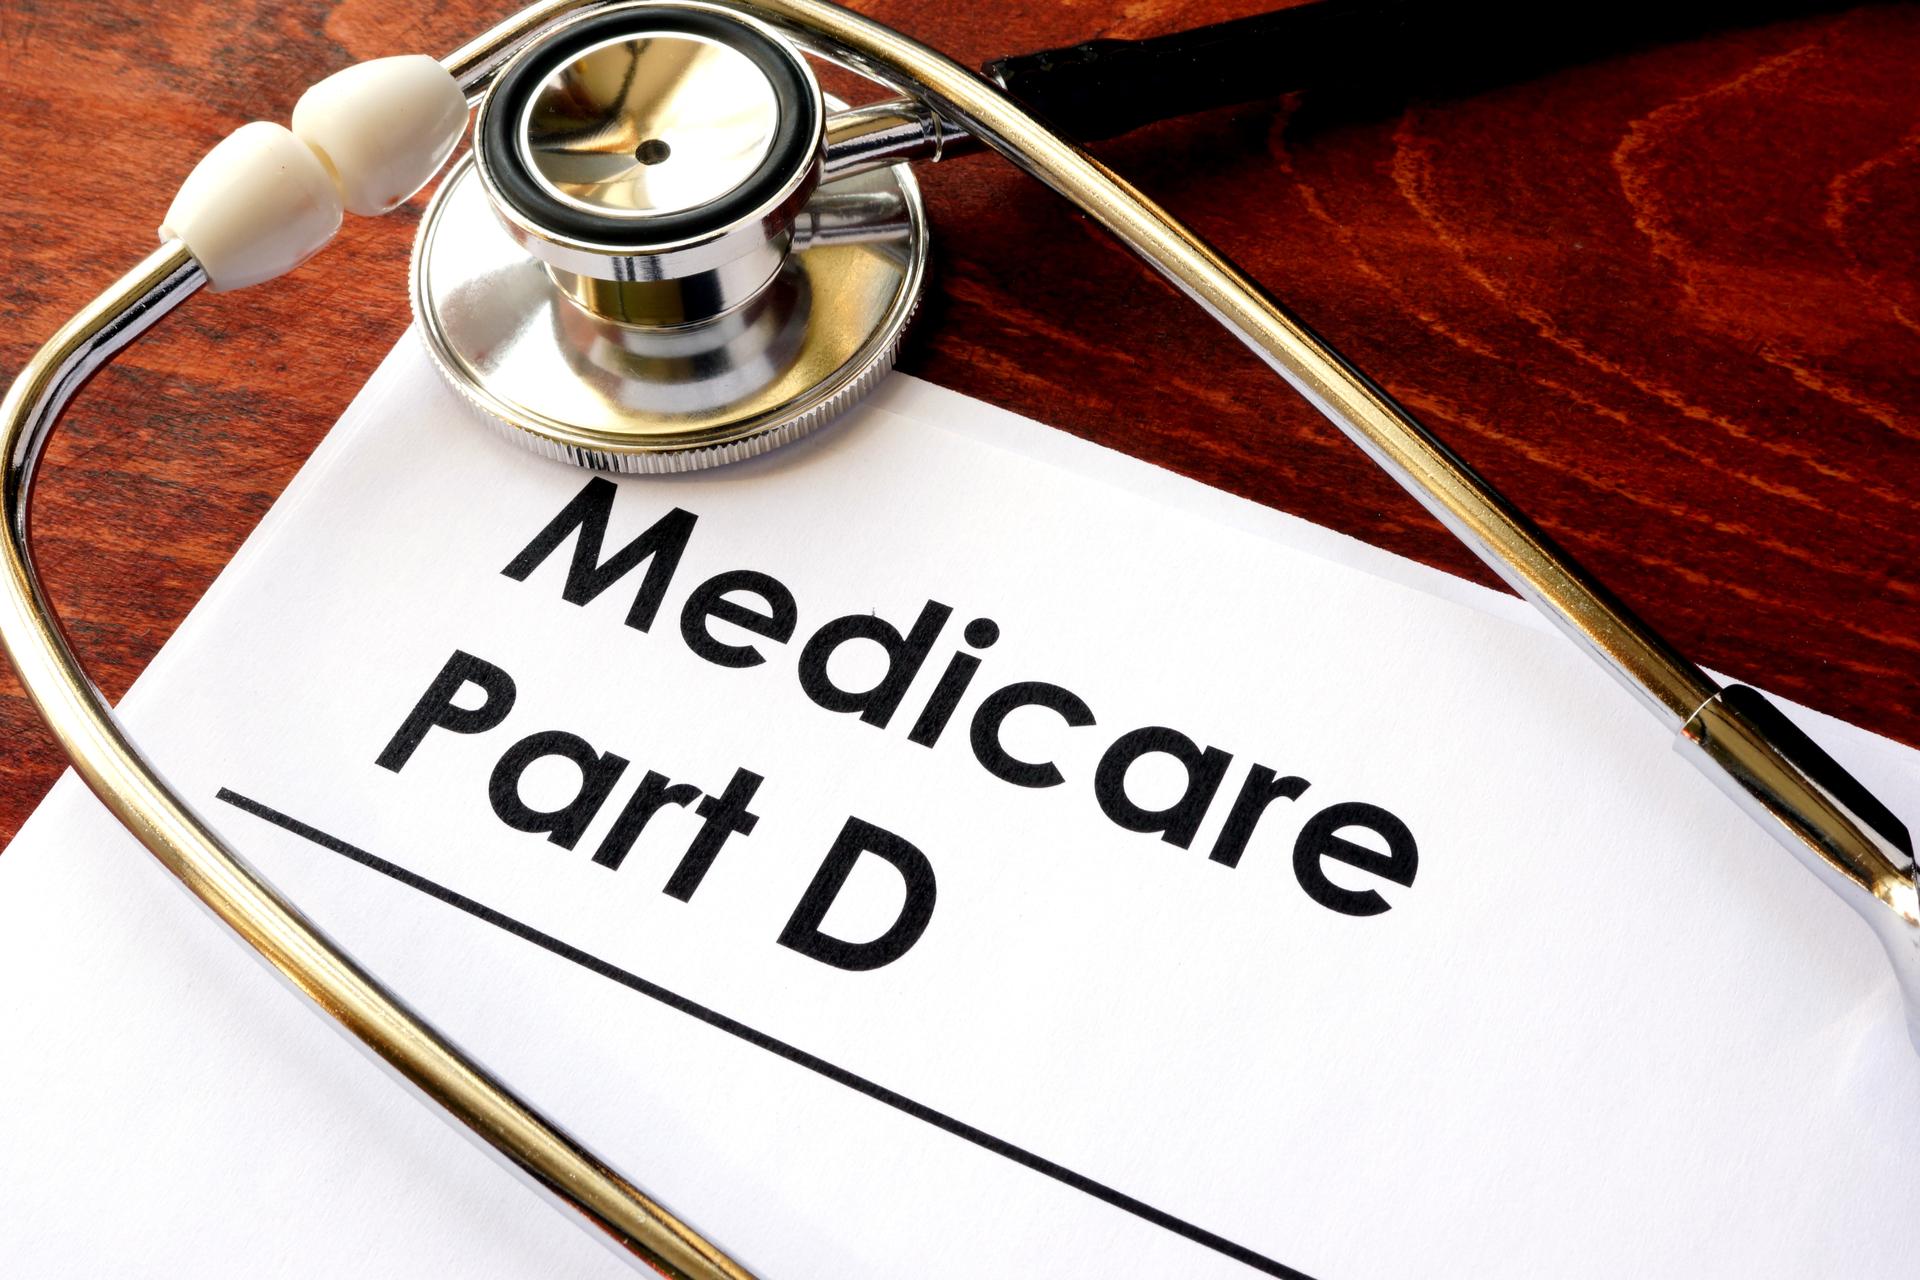 Medicare Part D Notices Due